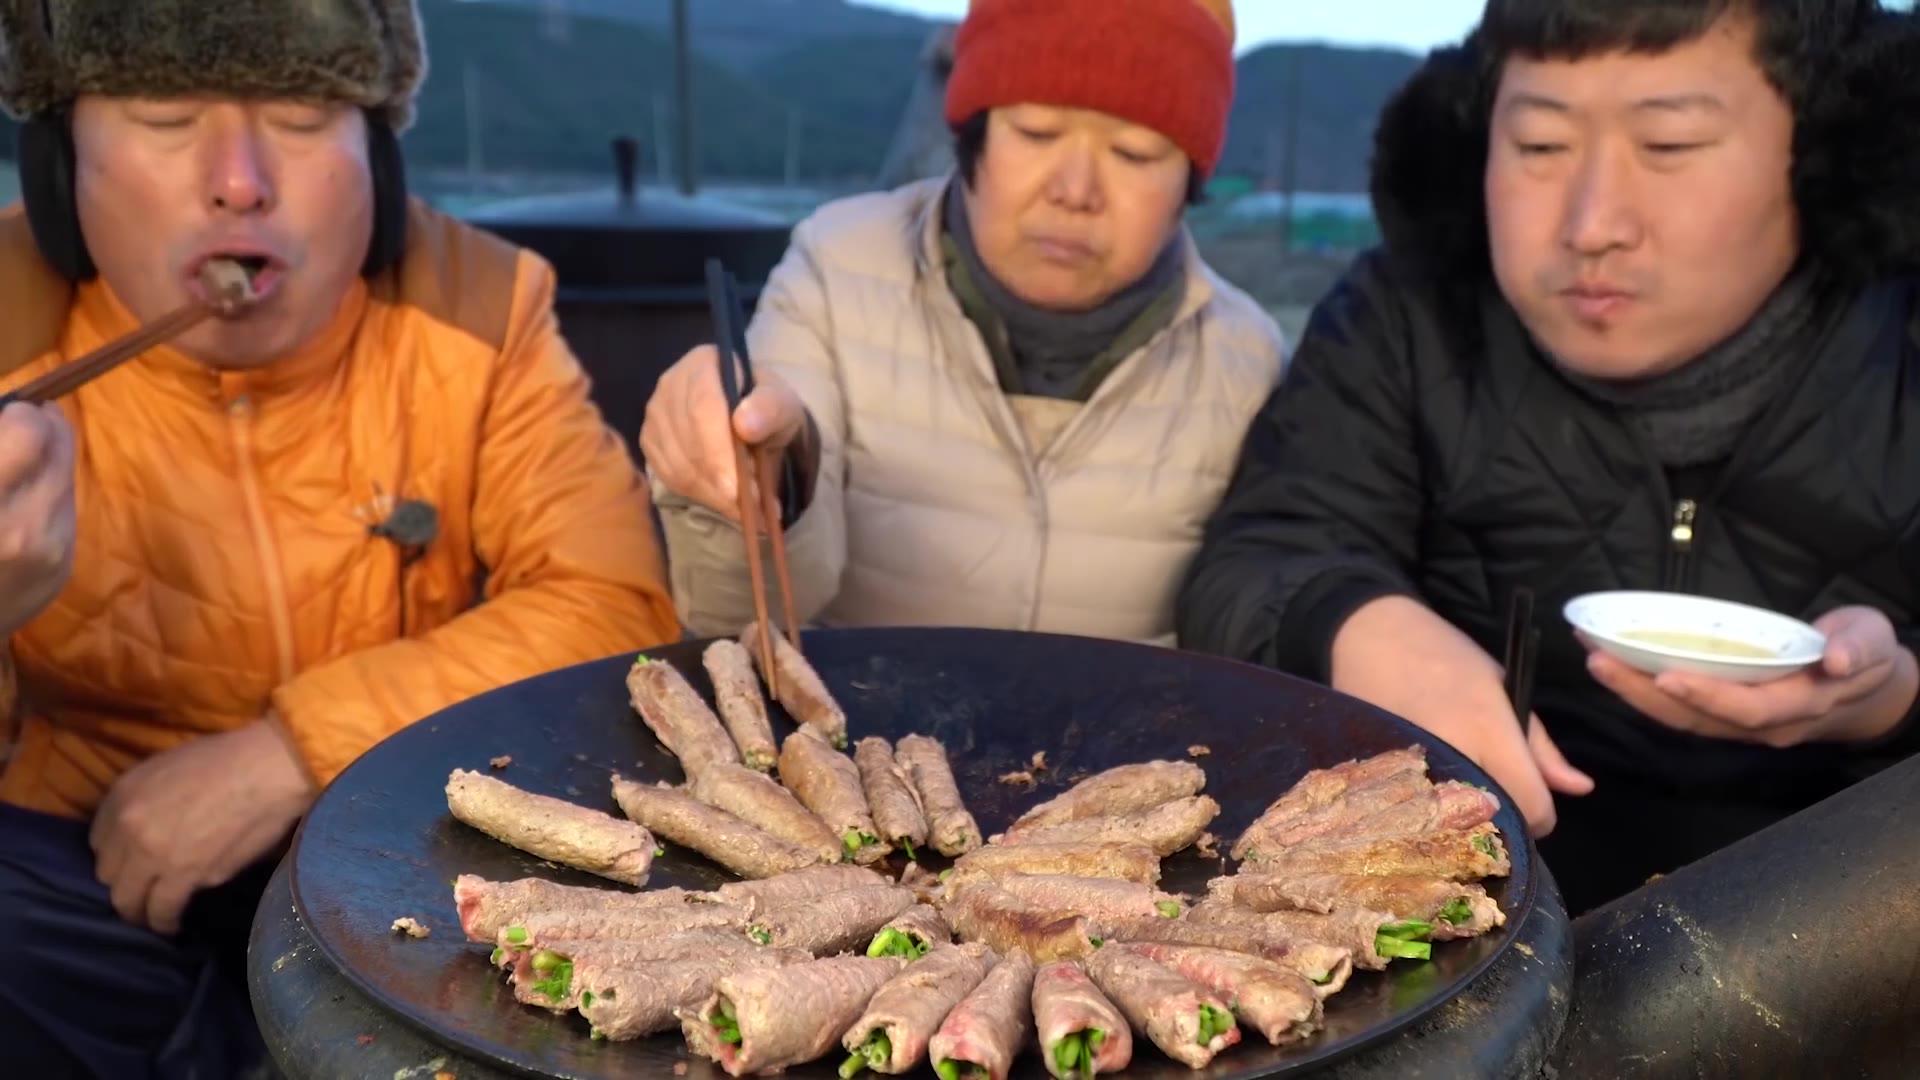 满满一锅好吃健康的牛肉蔬菜卷!沾上香油一起吃超好吃~